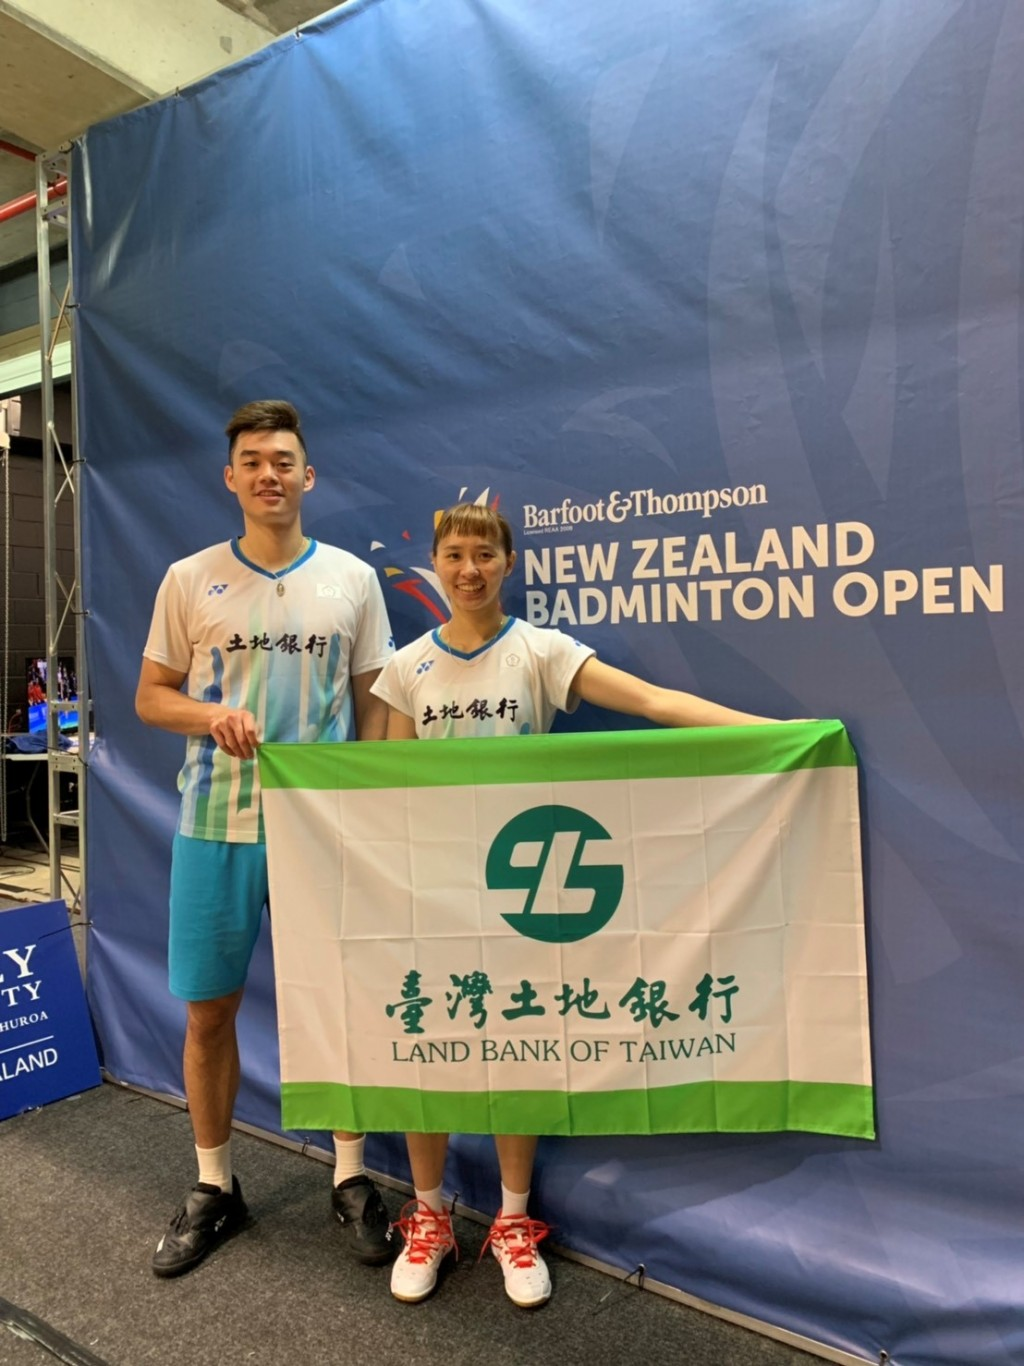 本行羽球隊員王齊麟(左)、程琪雅 (右)參加2019年紐西蘭羽球公開賽(超級300)摘下混合雙打銅牌。(土銀提供)